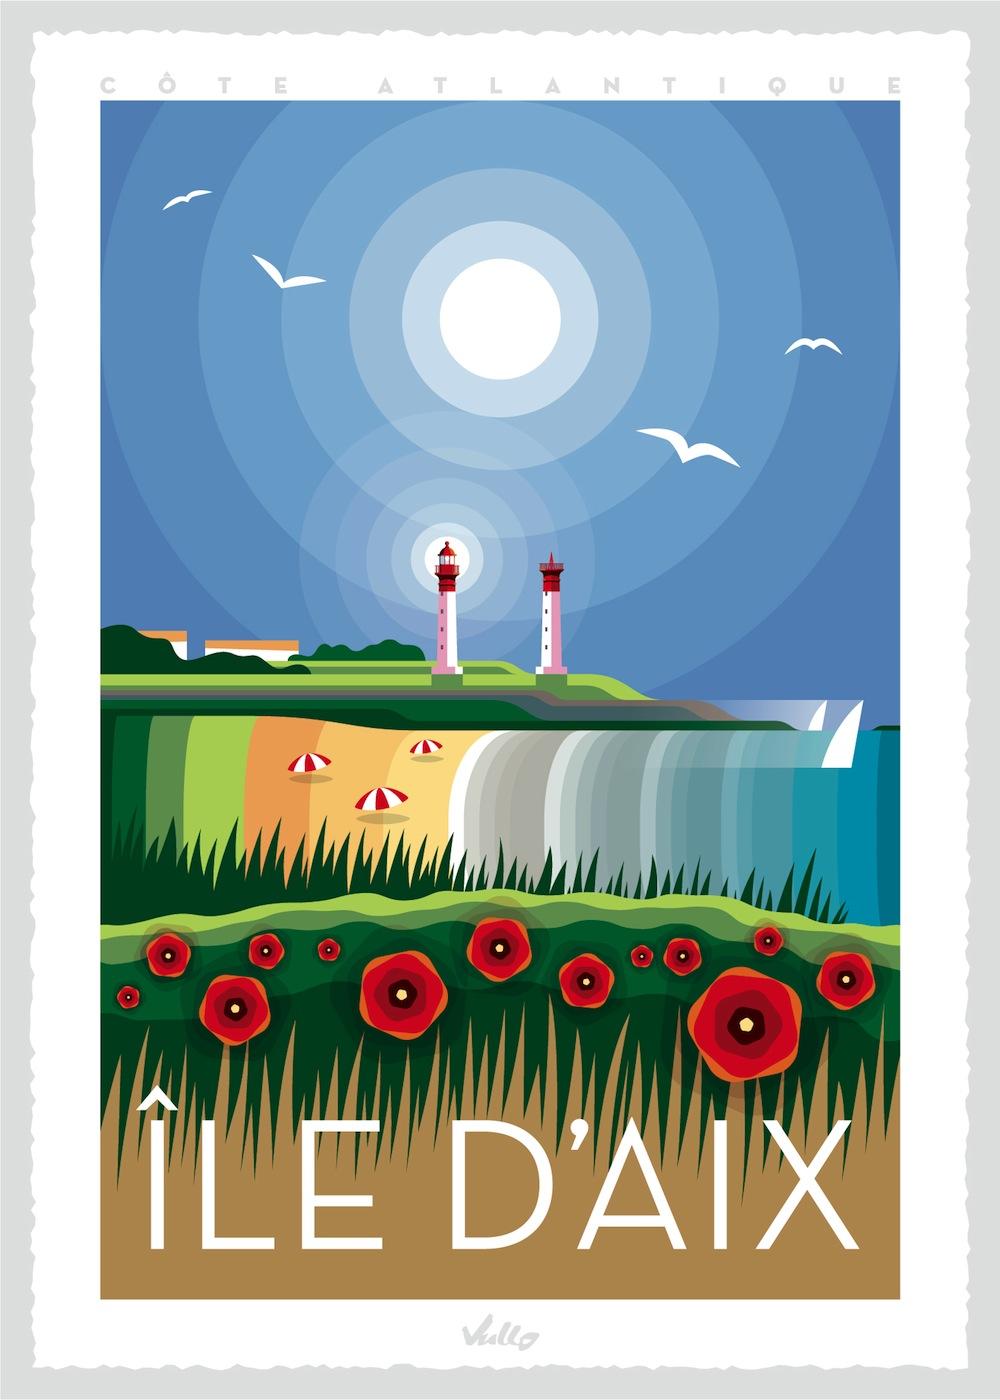 Île d'AIx poster